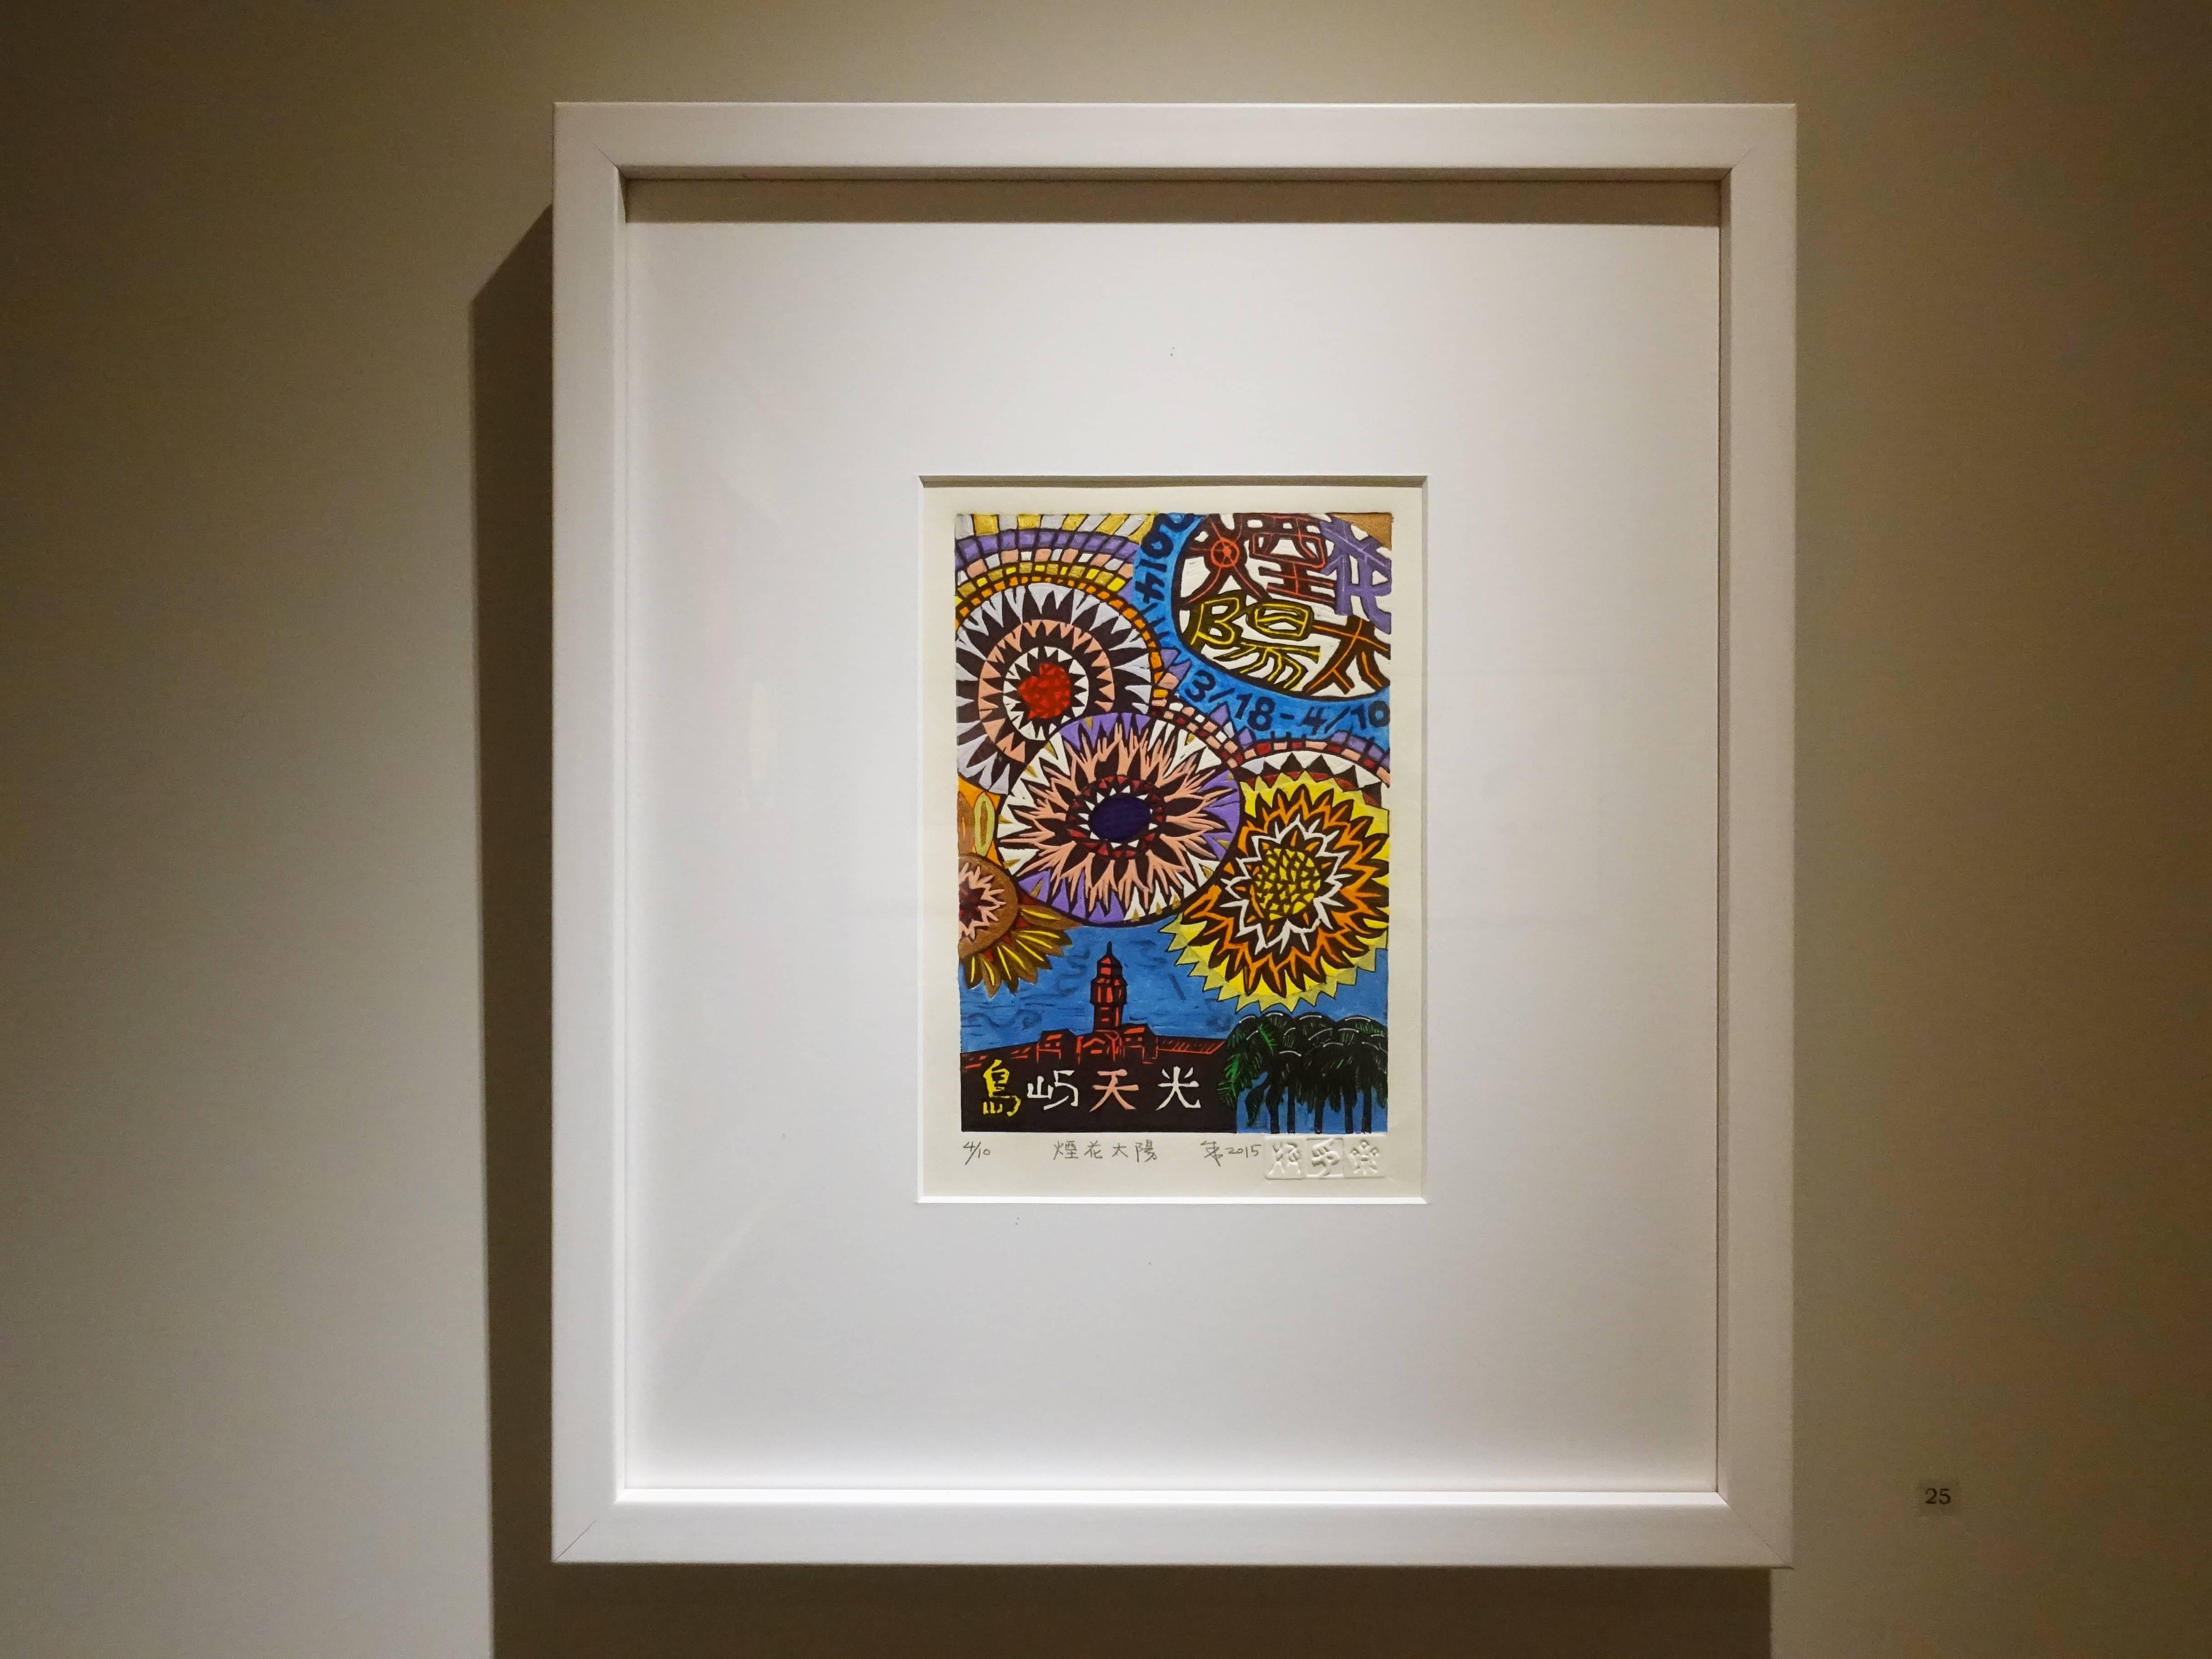 朱哲良,《煙花太陽》,39.3 x 27.3 cm,4/10,凸版、局部手上彩,2015。